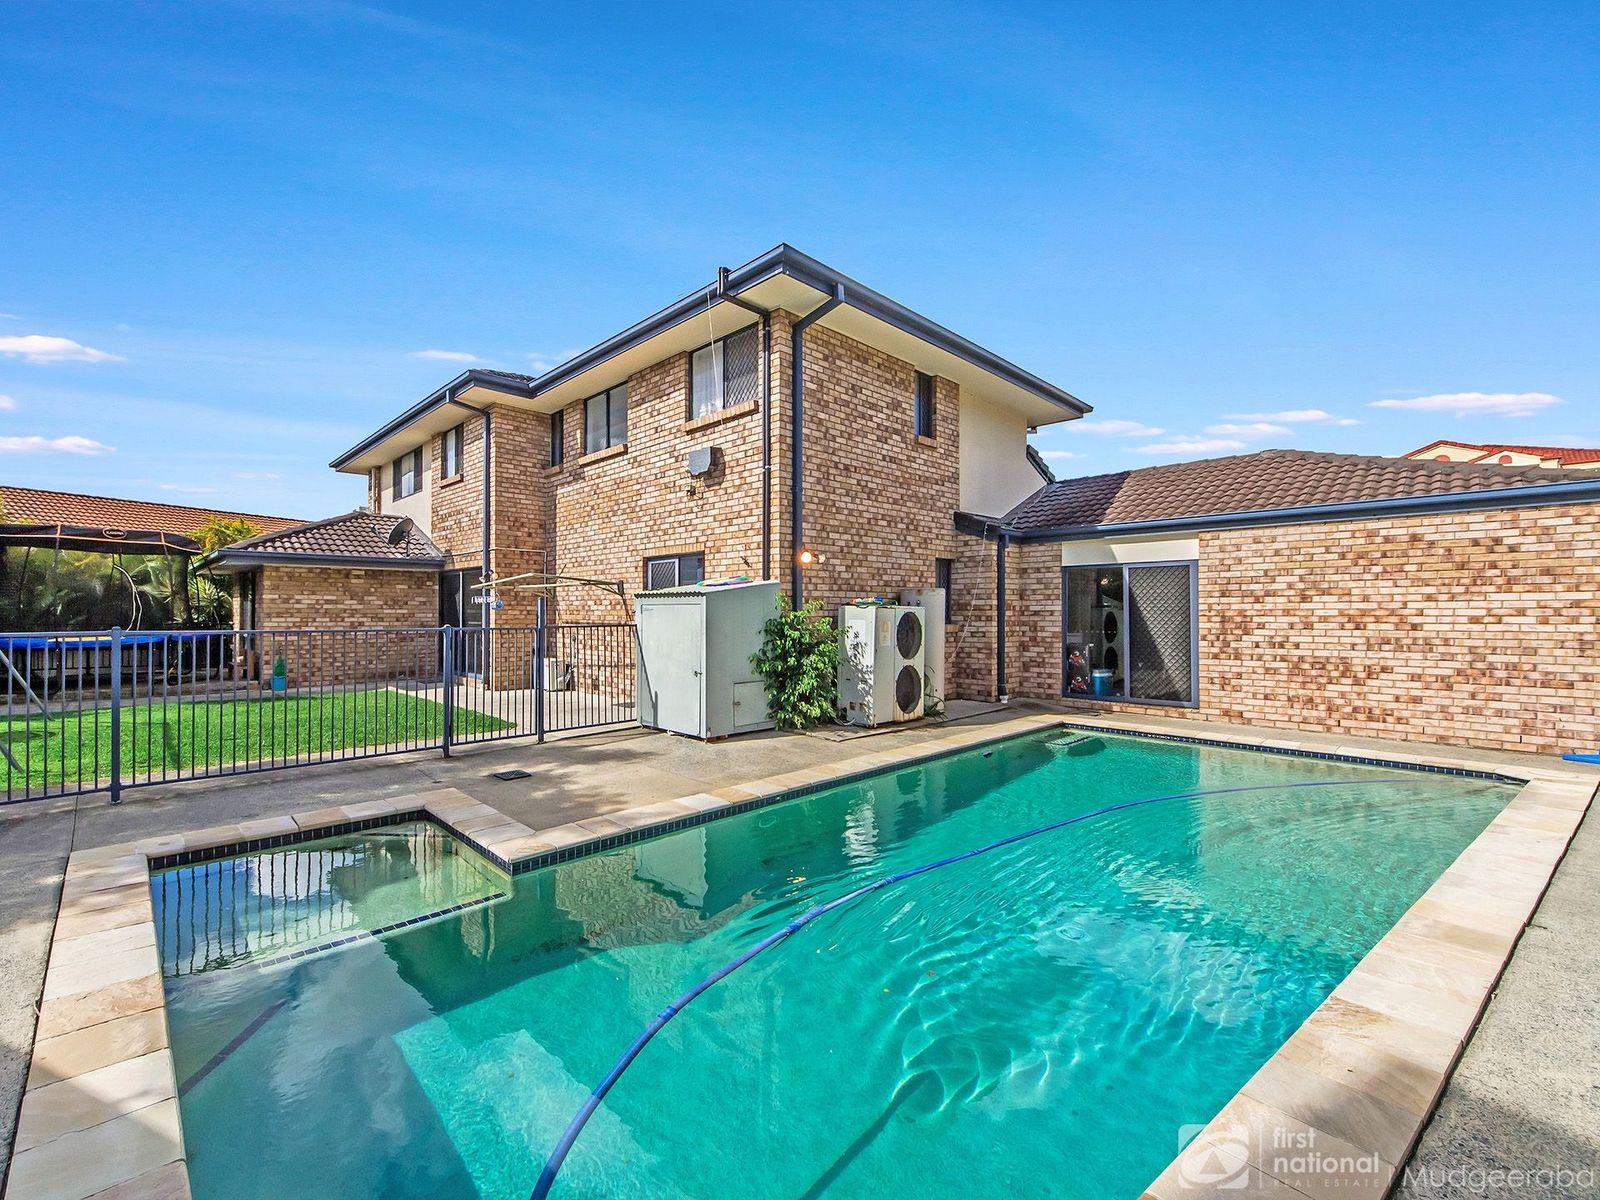 69 Kincaid Drive, Highland Park, QLD 4211